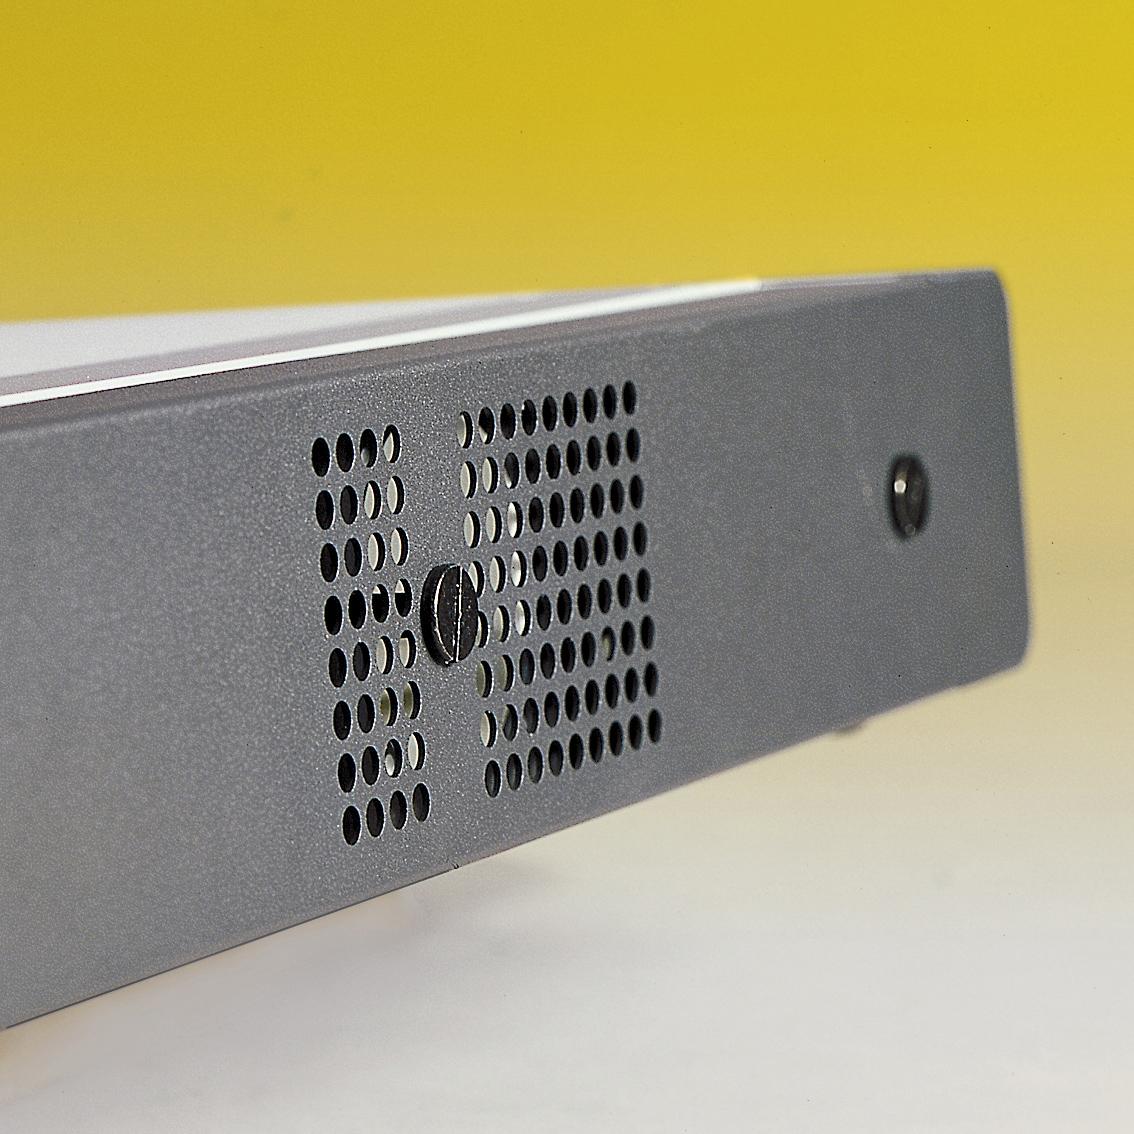 KAISER Leuchtplatte prolite scan SC , 5000 K